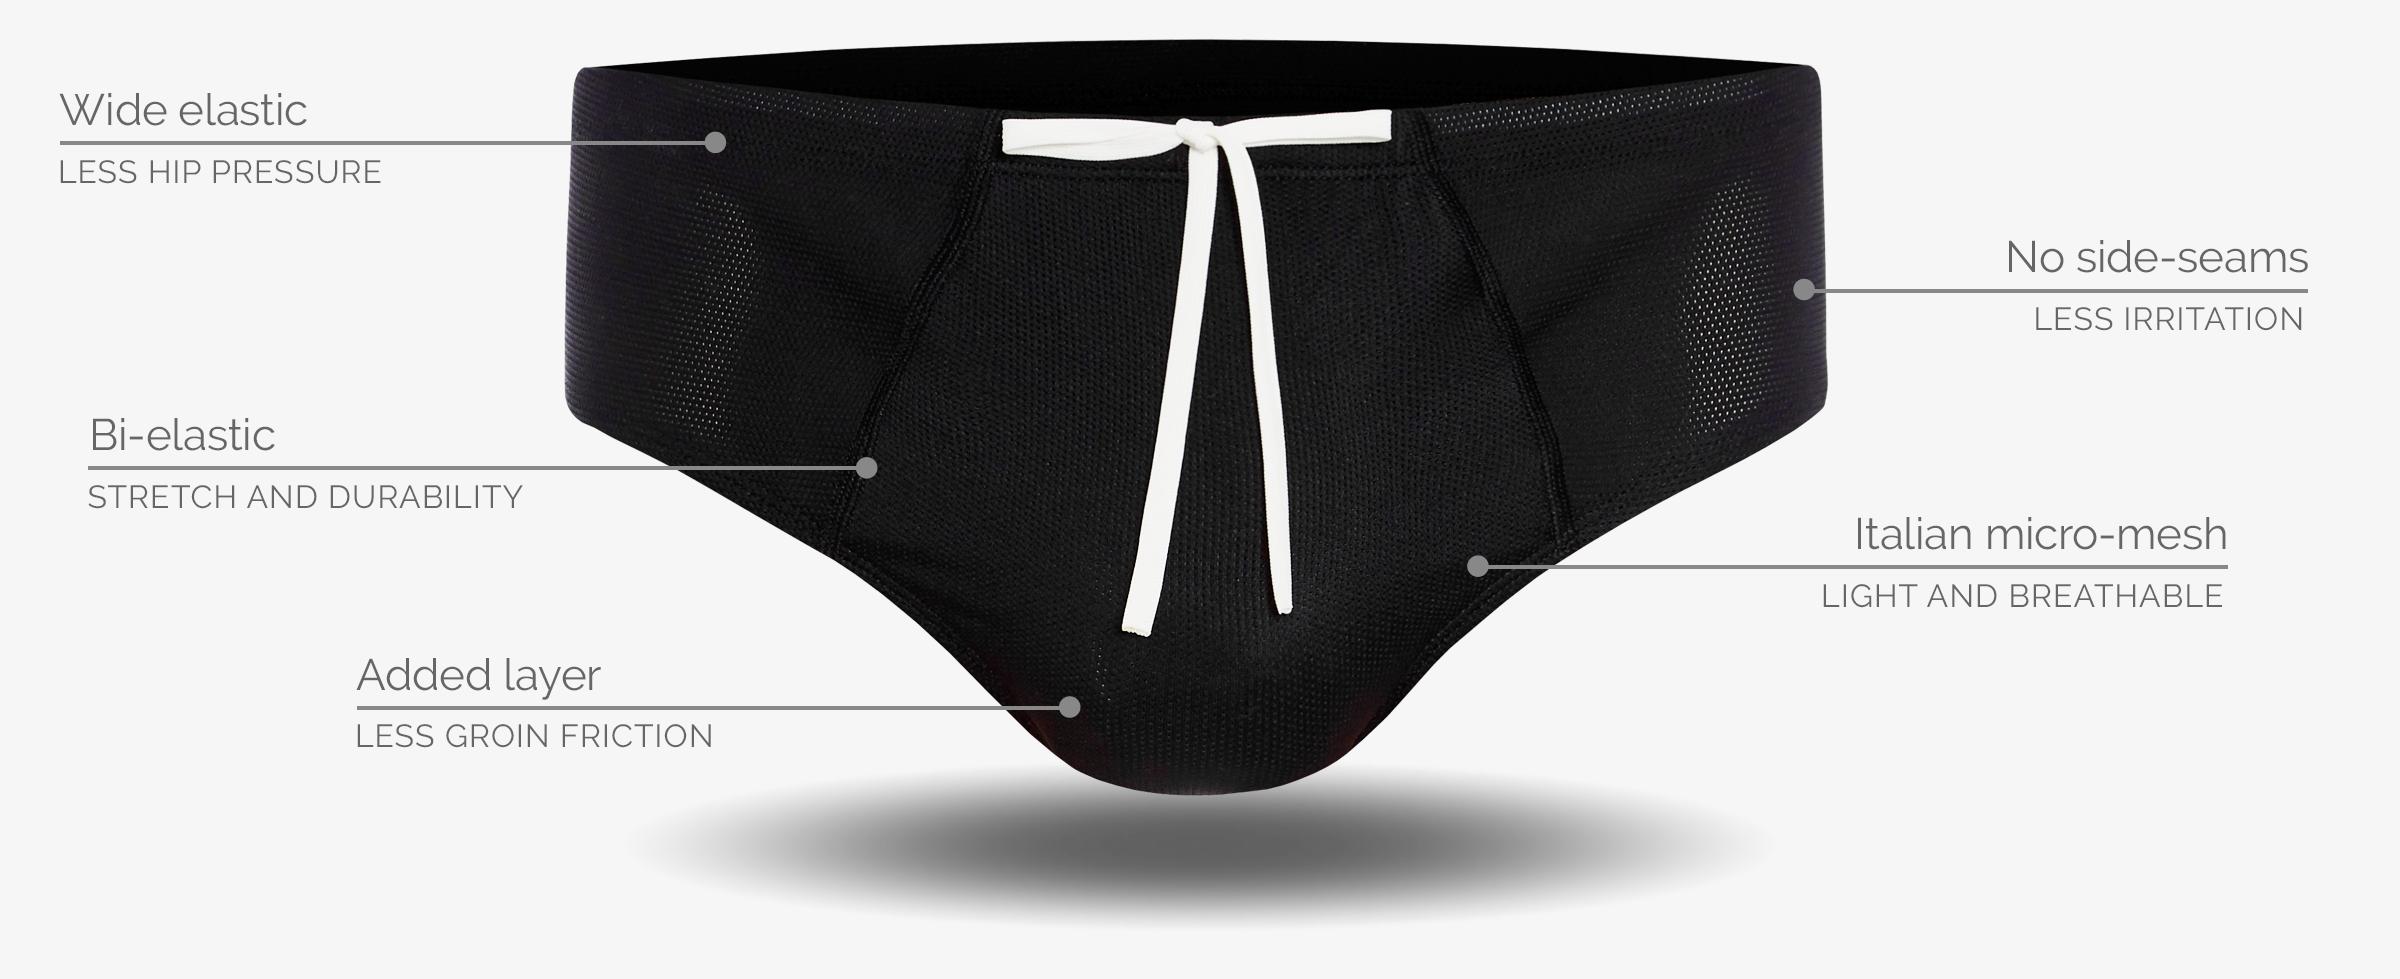 Men's technical sports underwear / briefs